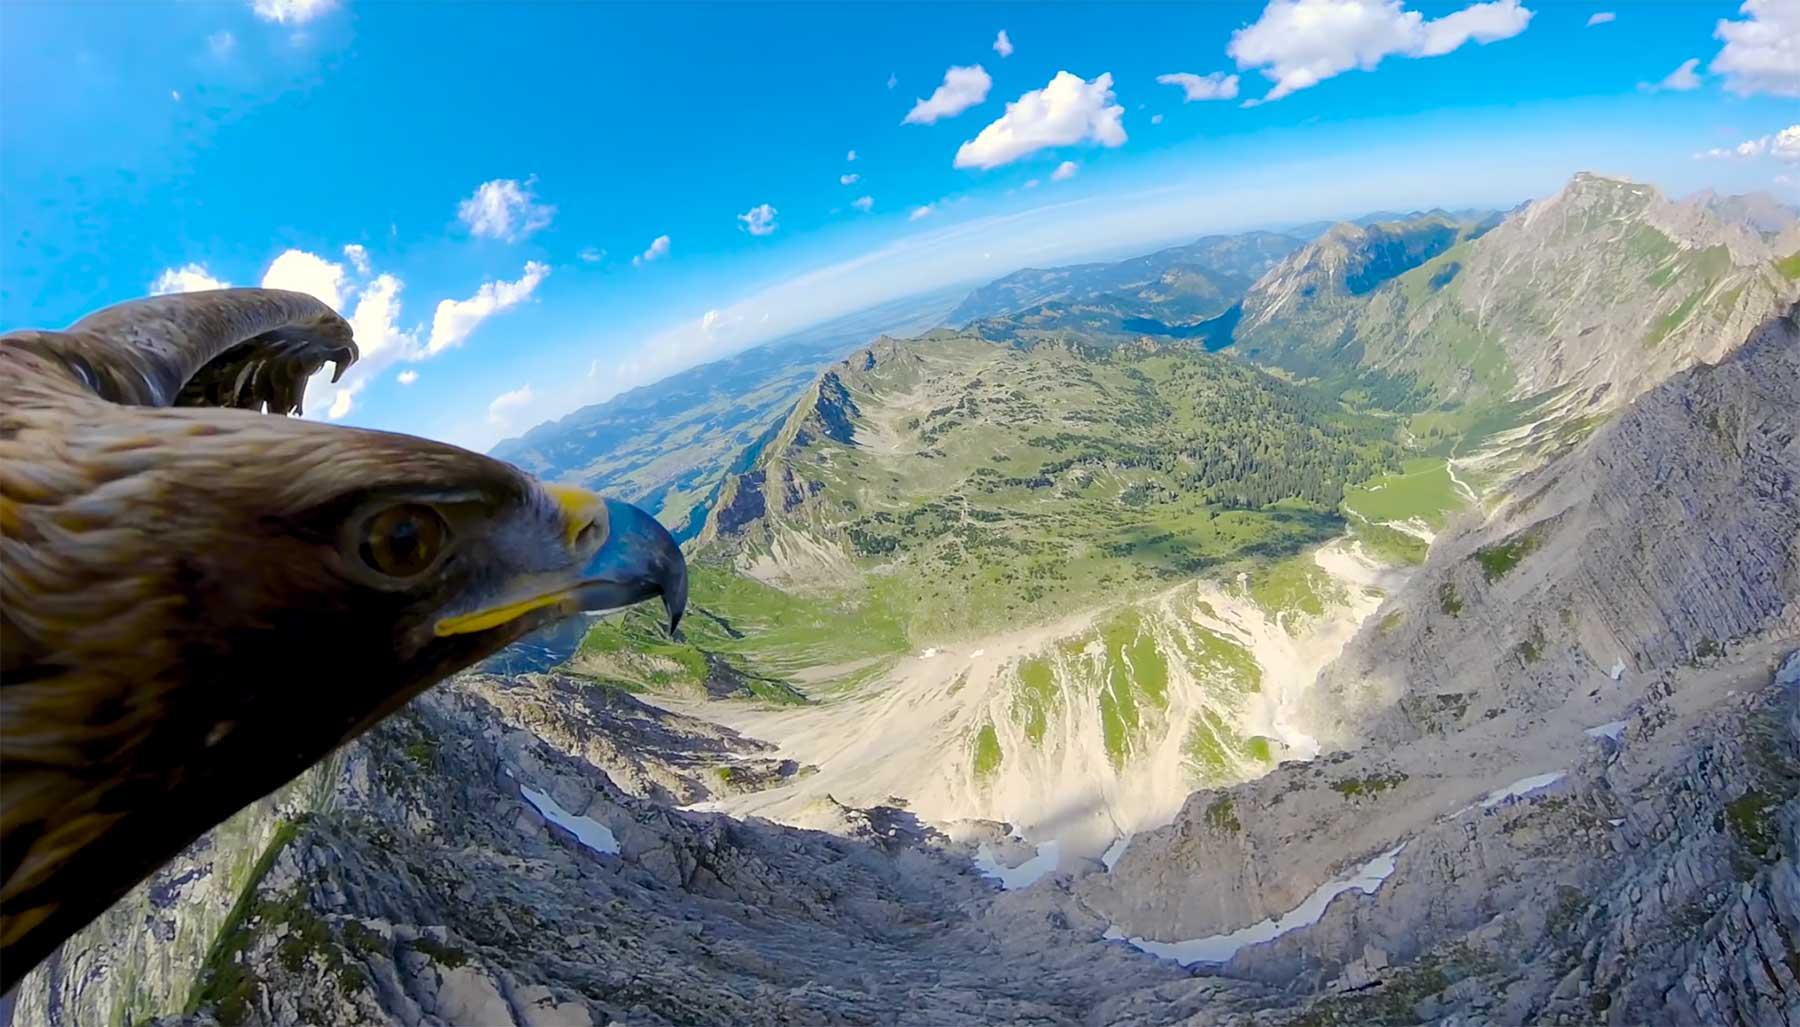 Flug über die Alpen aus der Sicht eines Adlers